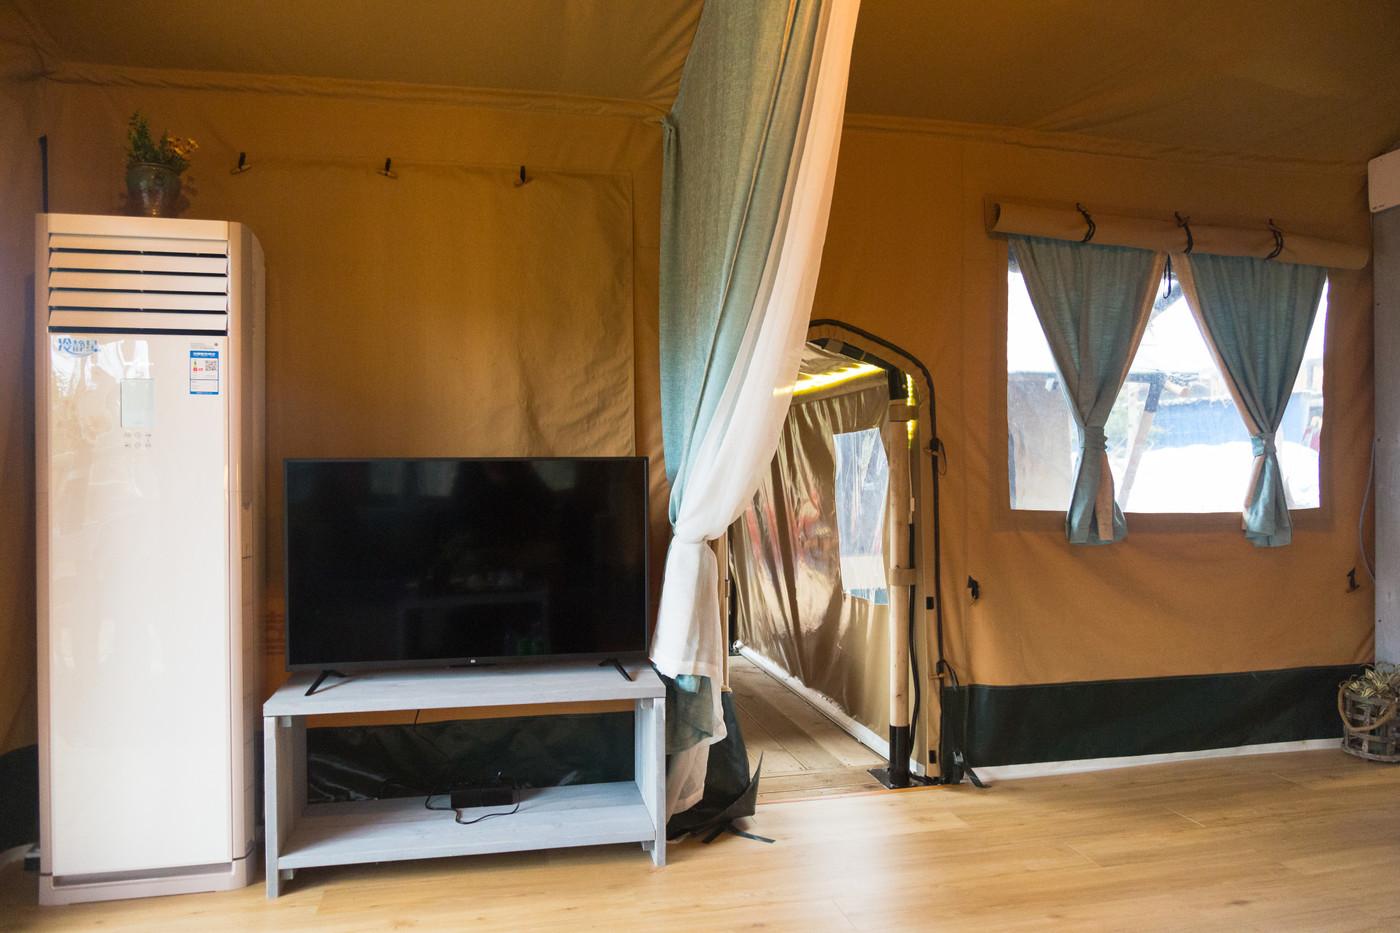 喜马拉雅上海迪士尼邻家营地子母房平地帐篷酒店28